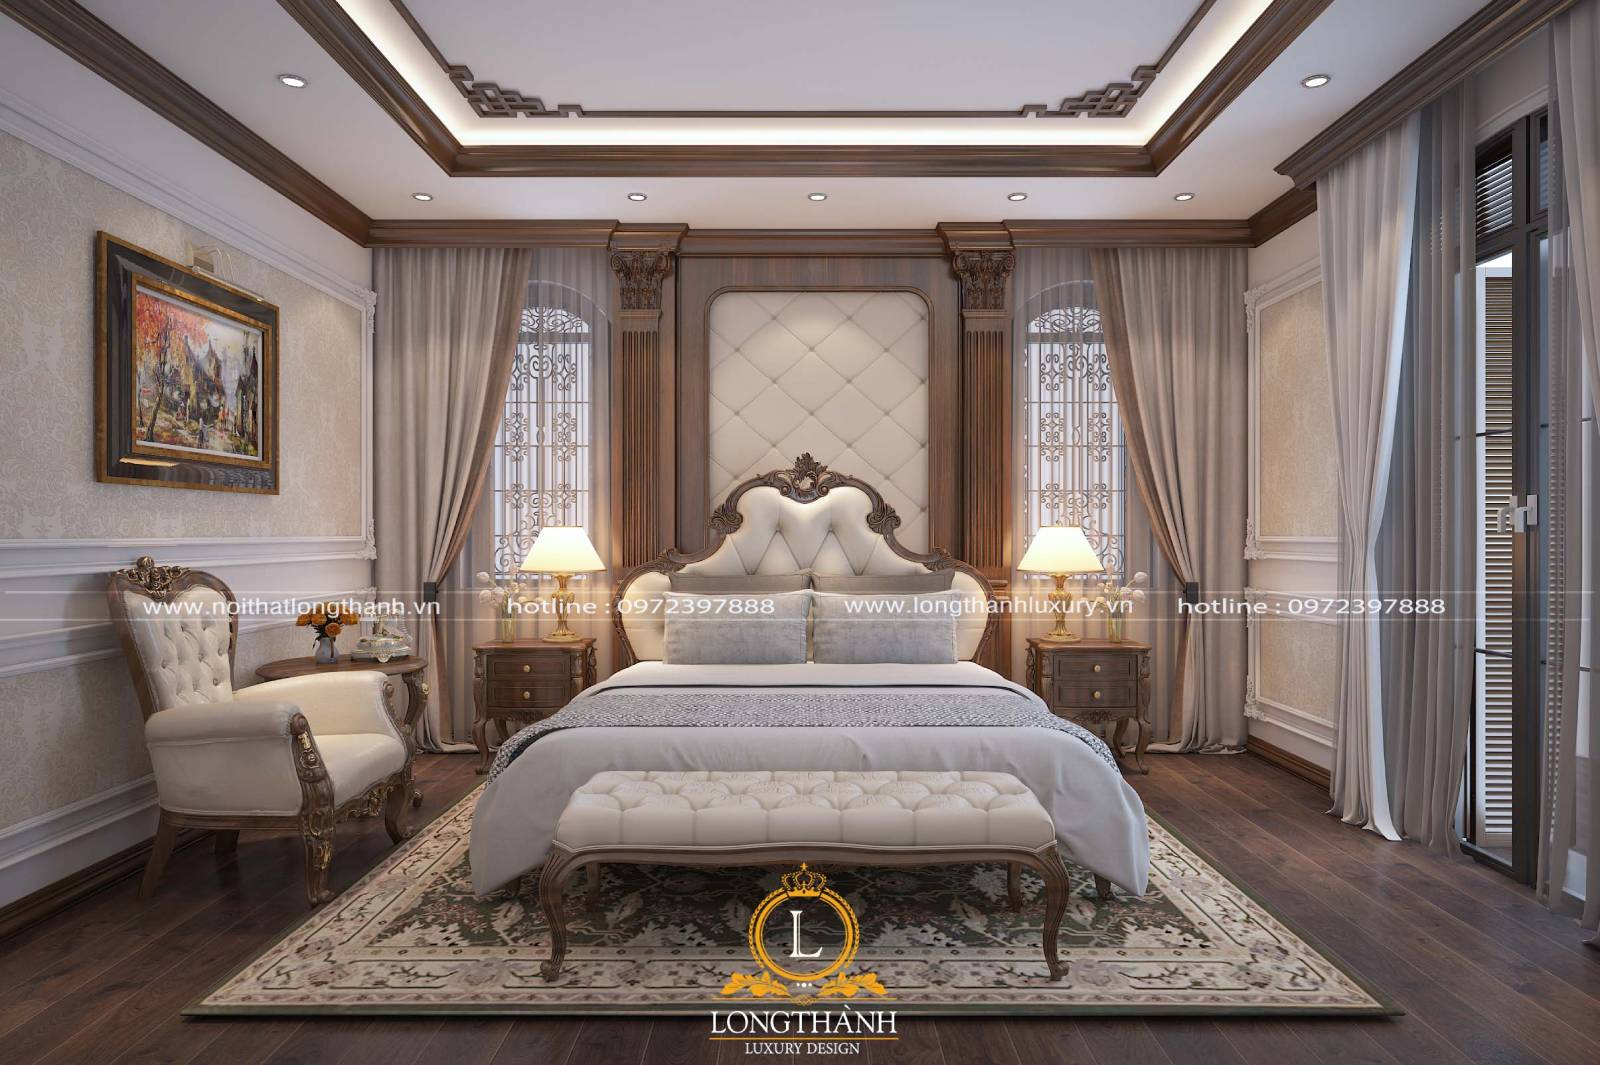 Thiết kế nội thất tân cổ điển đẹp cho chung cư cao cấp